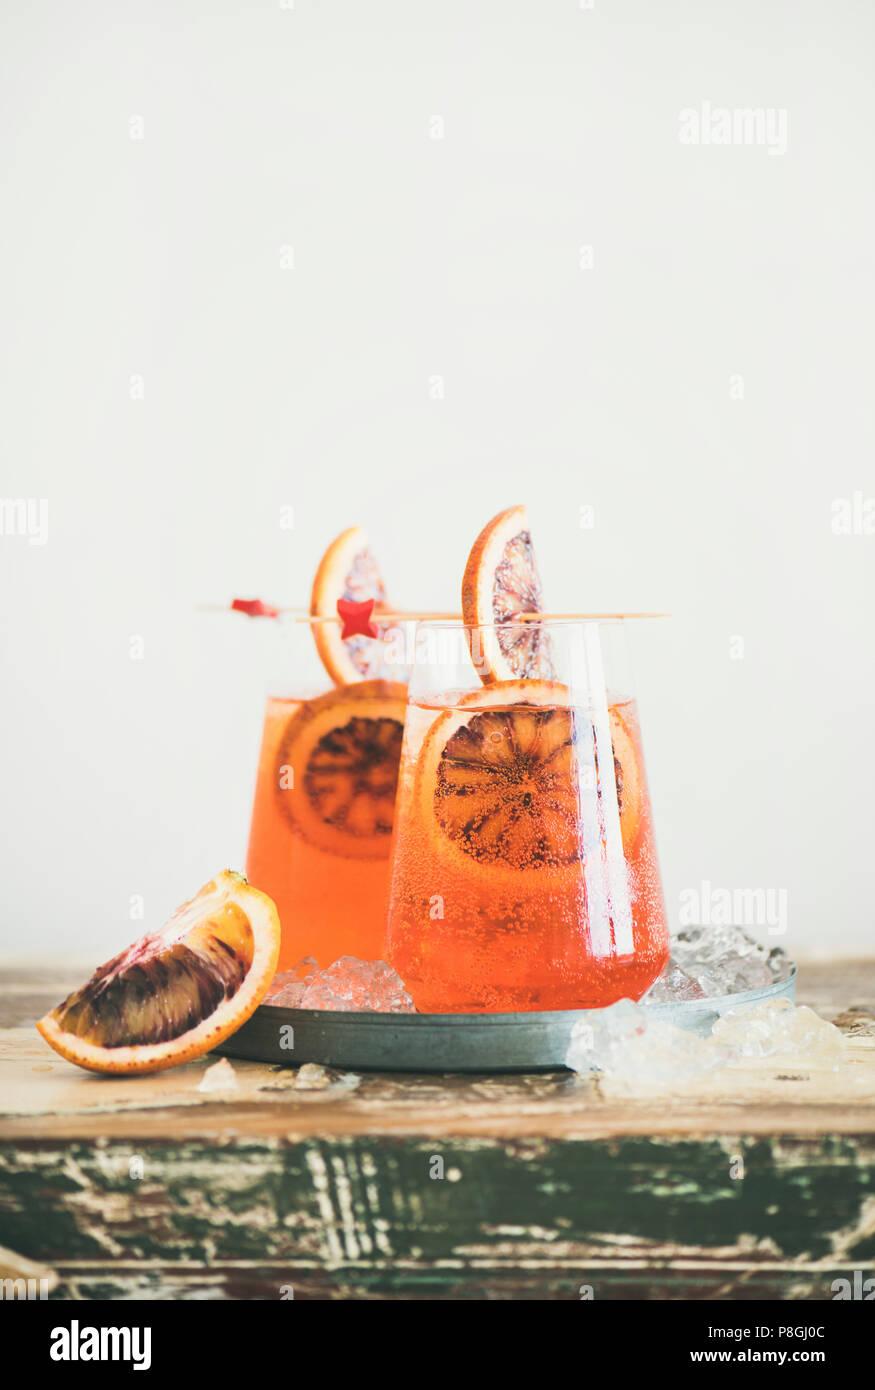 Dos Copas de italiano Aperol Spritz alcohol cóctel con hielo y rodajas de naranja sanguina, copie el espacio. Spritz Aperol tradicional cóctel. Actualización de verano Imagen De Stock